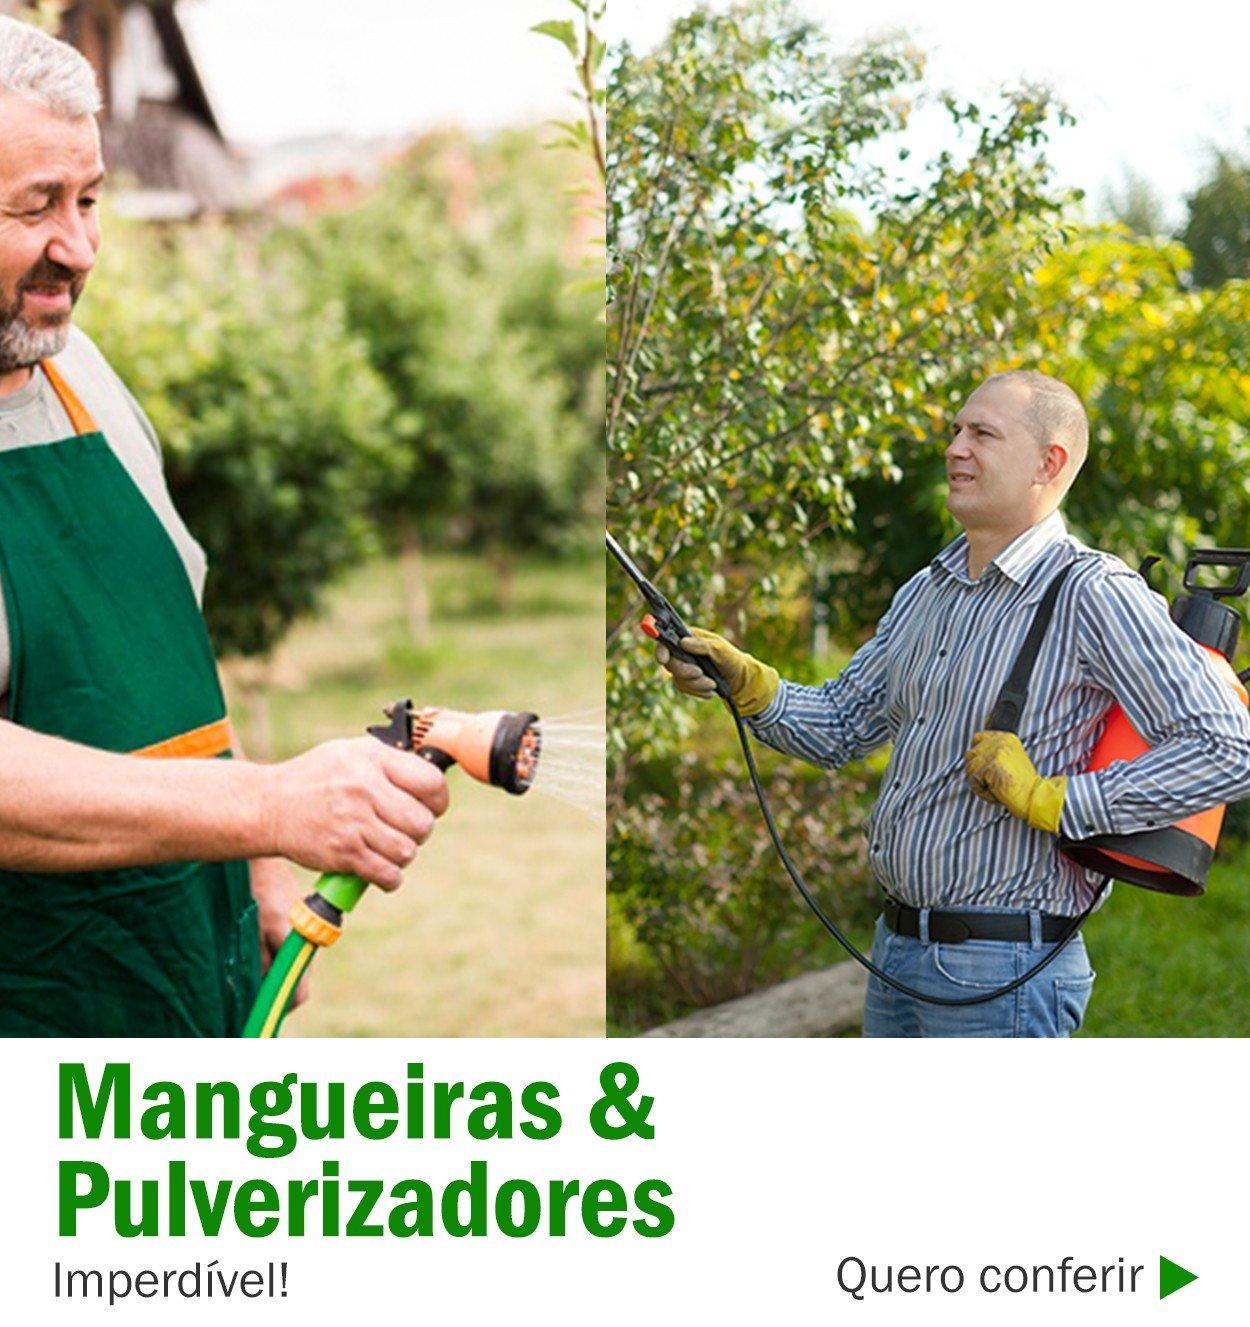 banner triplo mangueira pulverizadores